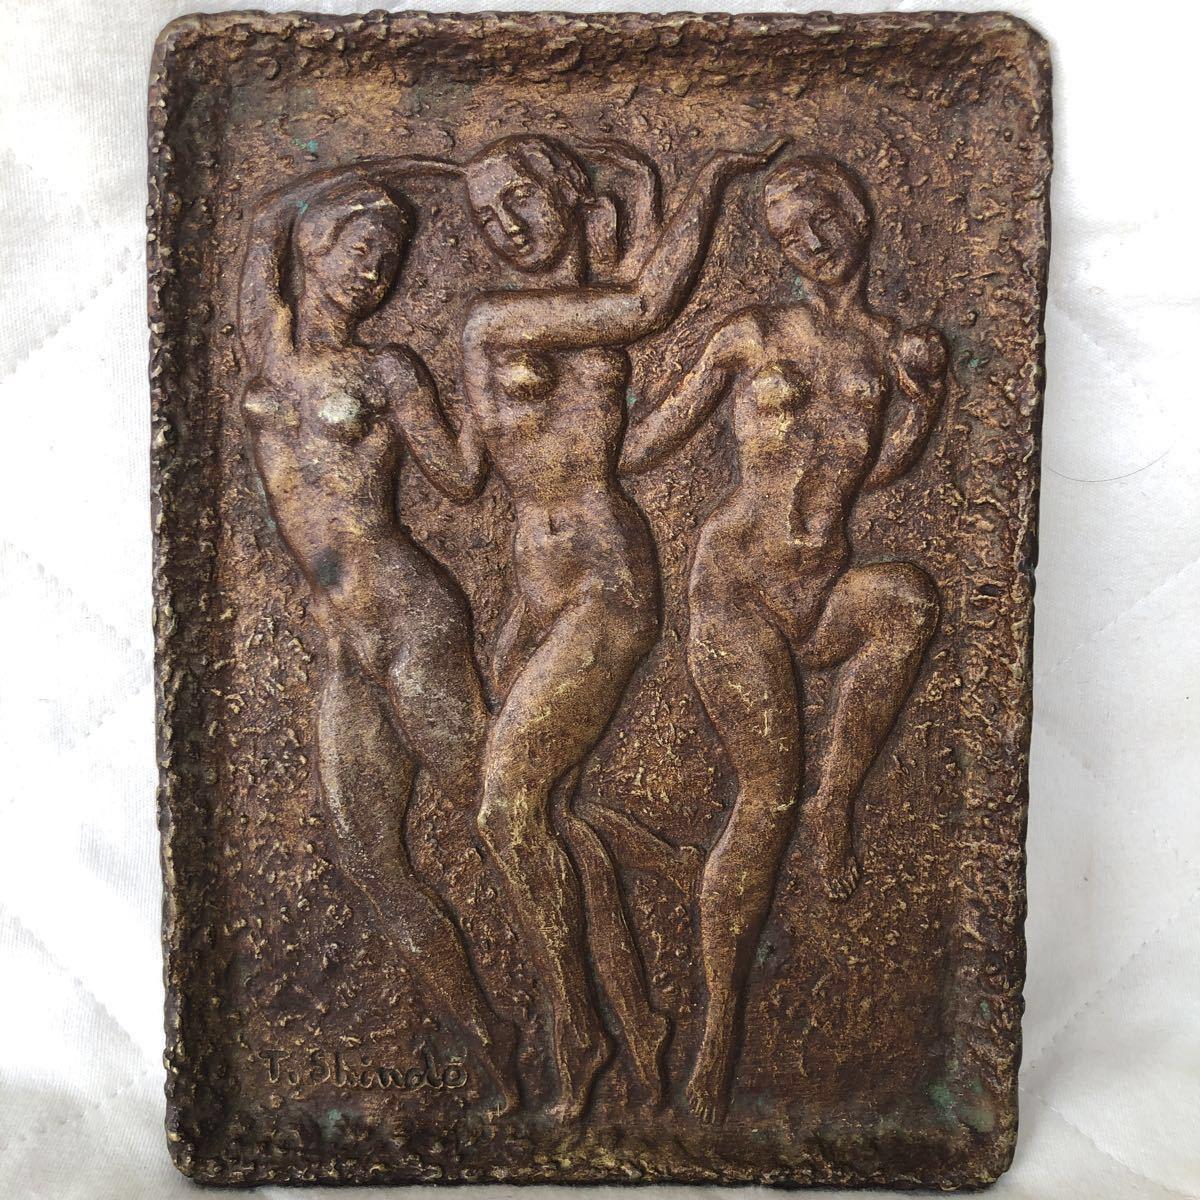 アンテイク、日展系彫刻家、進藤武松、ブロンズ、彫刻、幅14.2センチ、立て19センチ、美術家名録、1974年版、370万の作家、